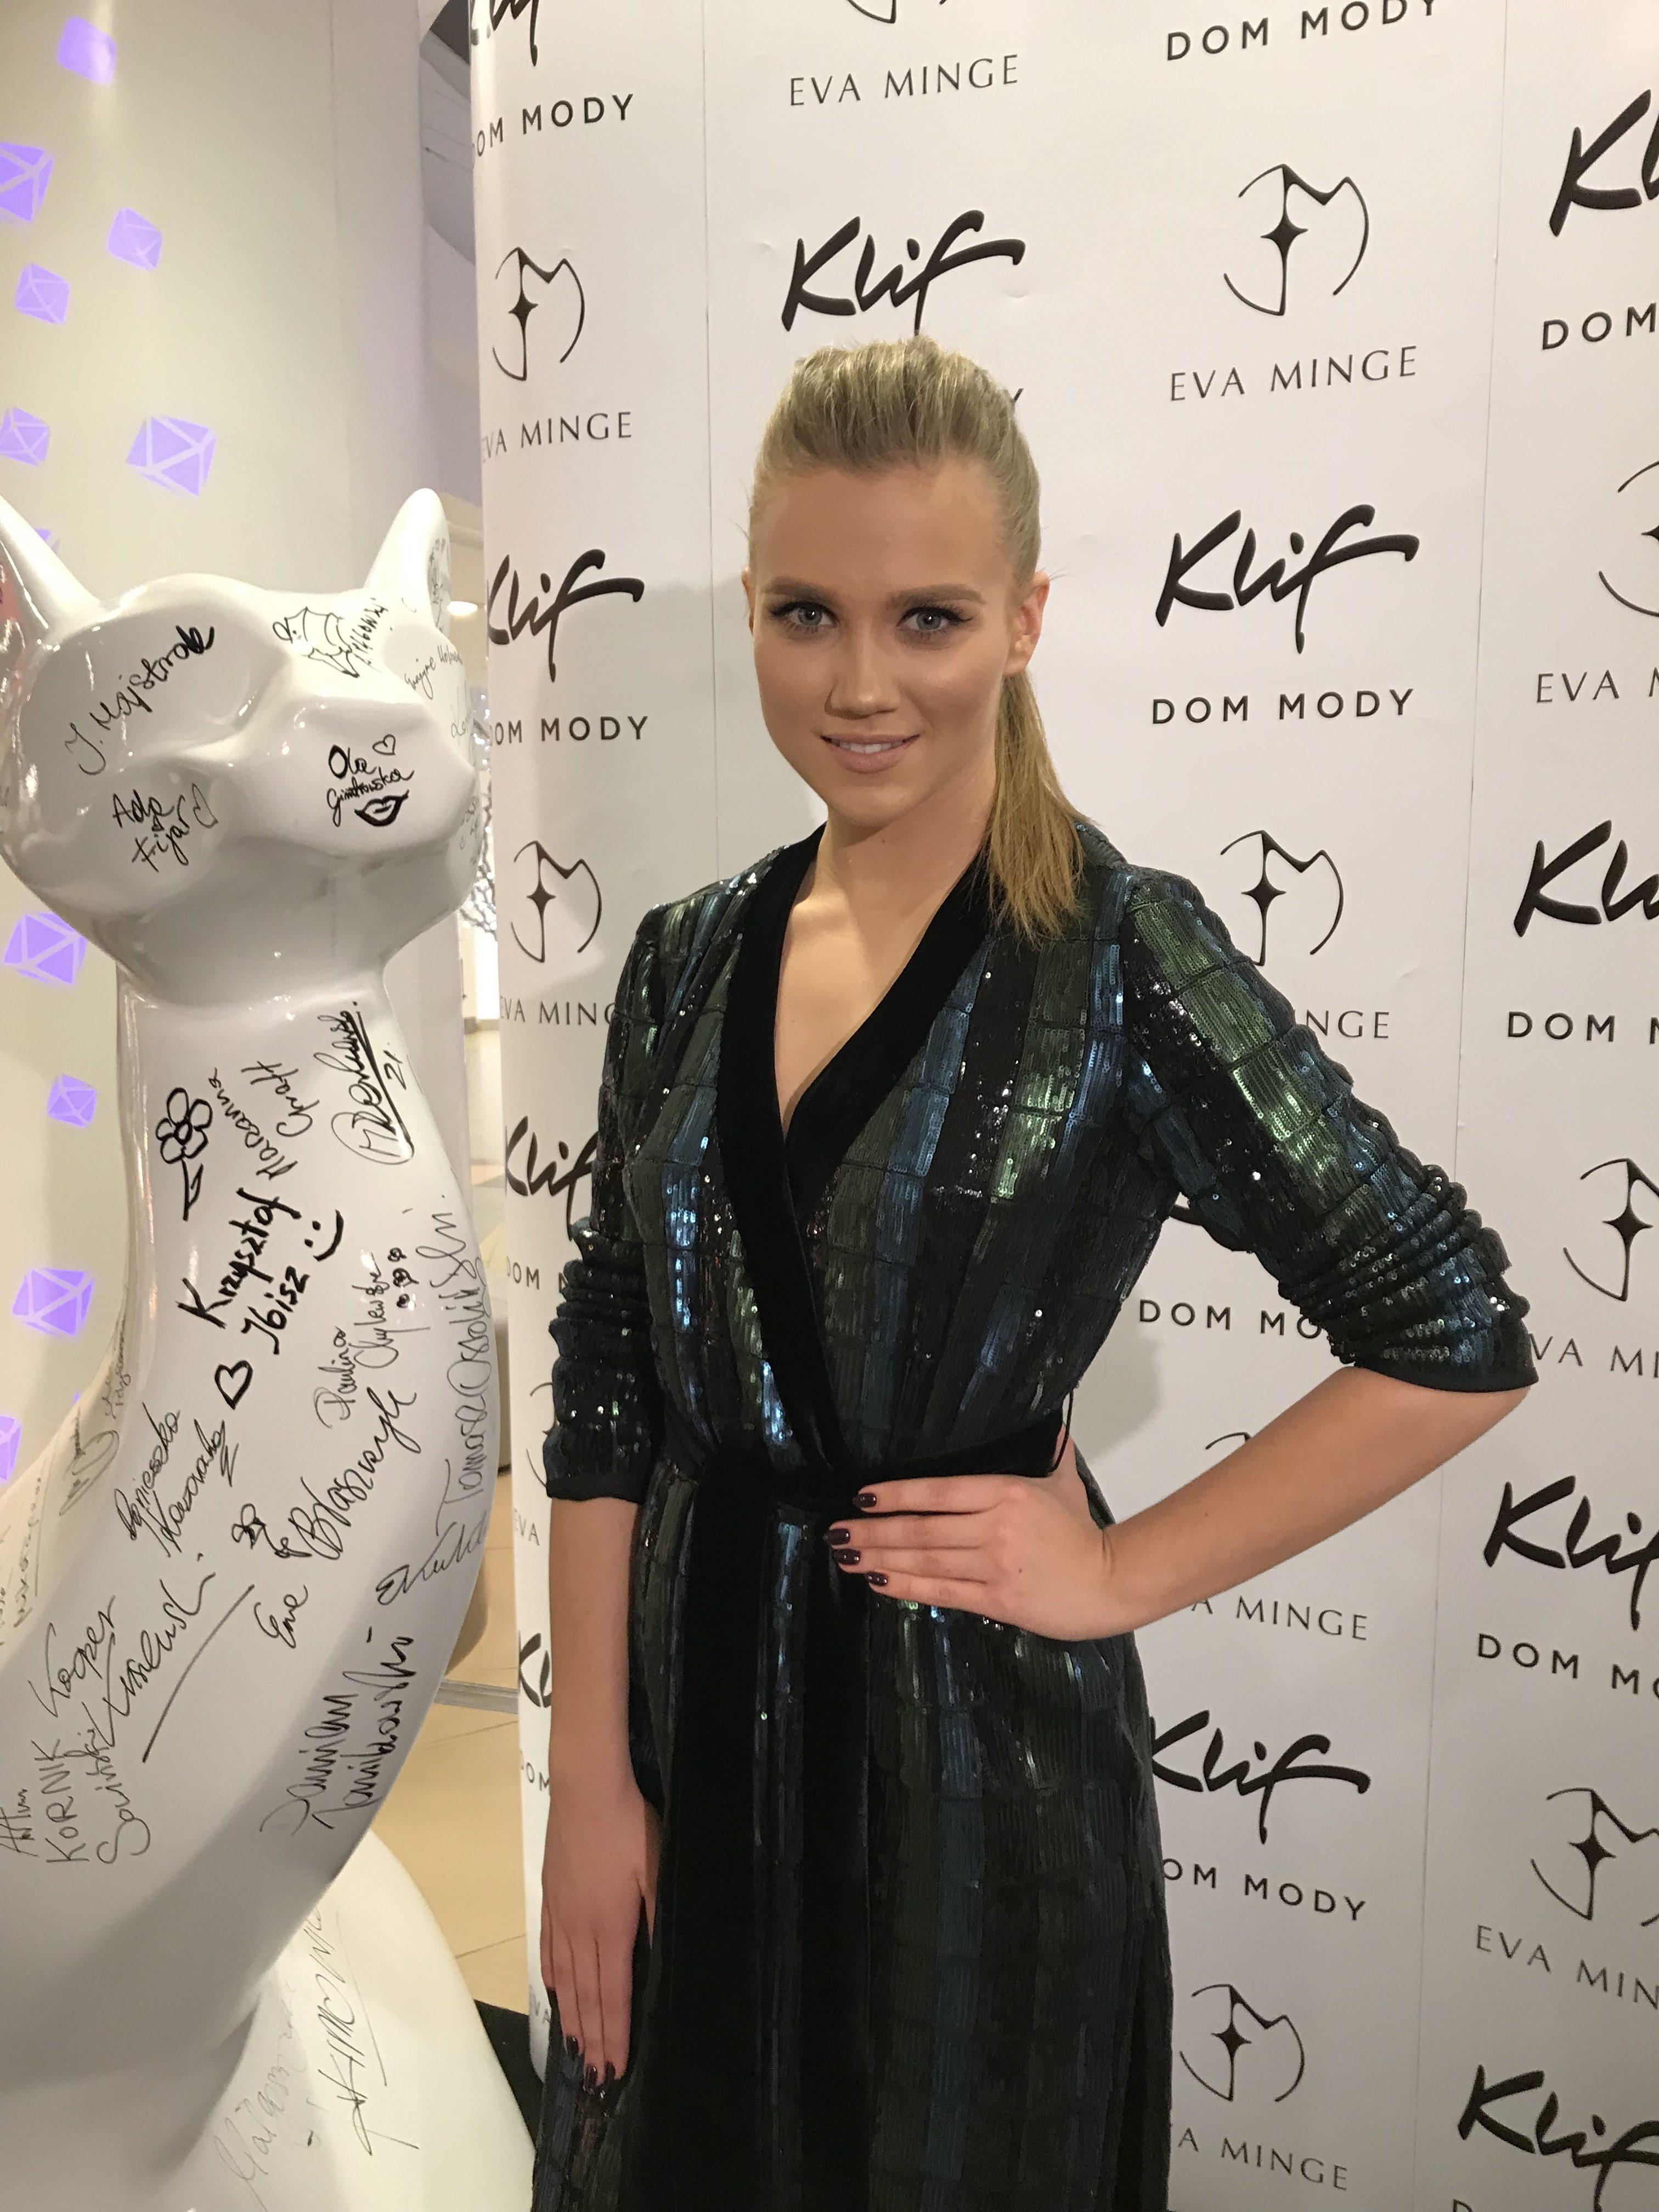 """BlogStar: """"Black Butterflies"""" – czyli Ewa Minge i jej cudowne koty - BlogStar.pl"""